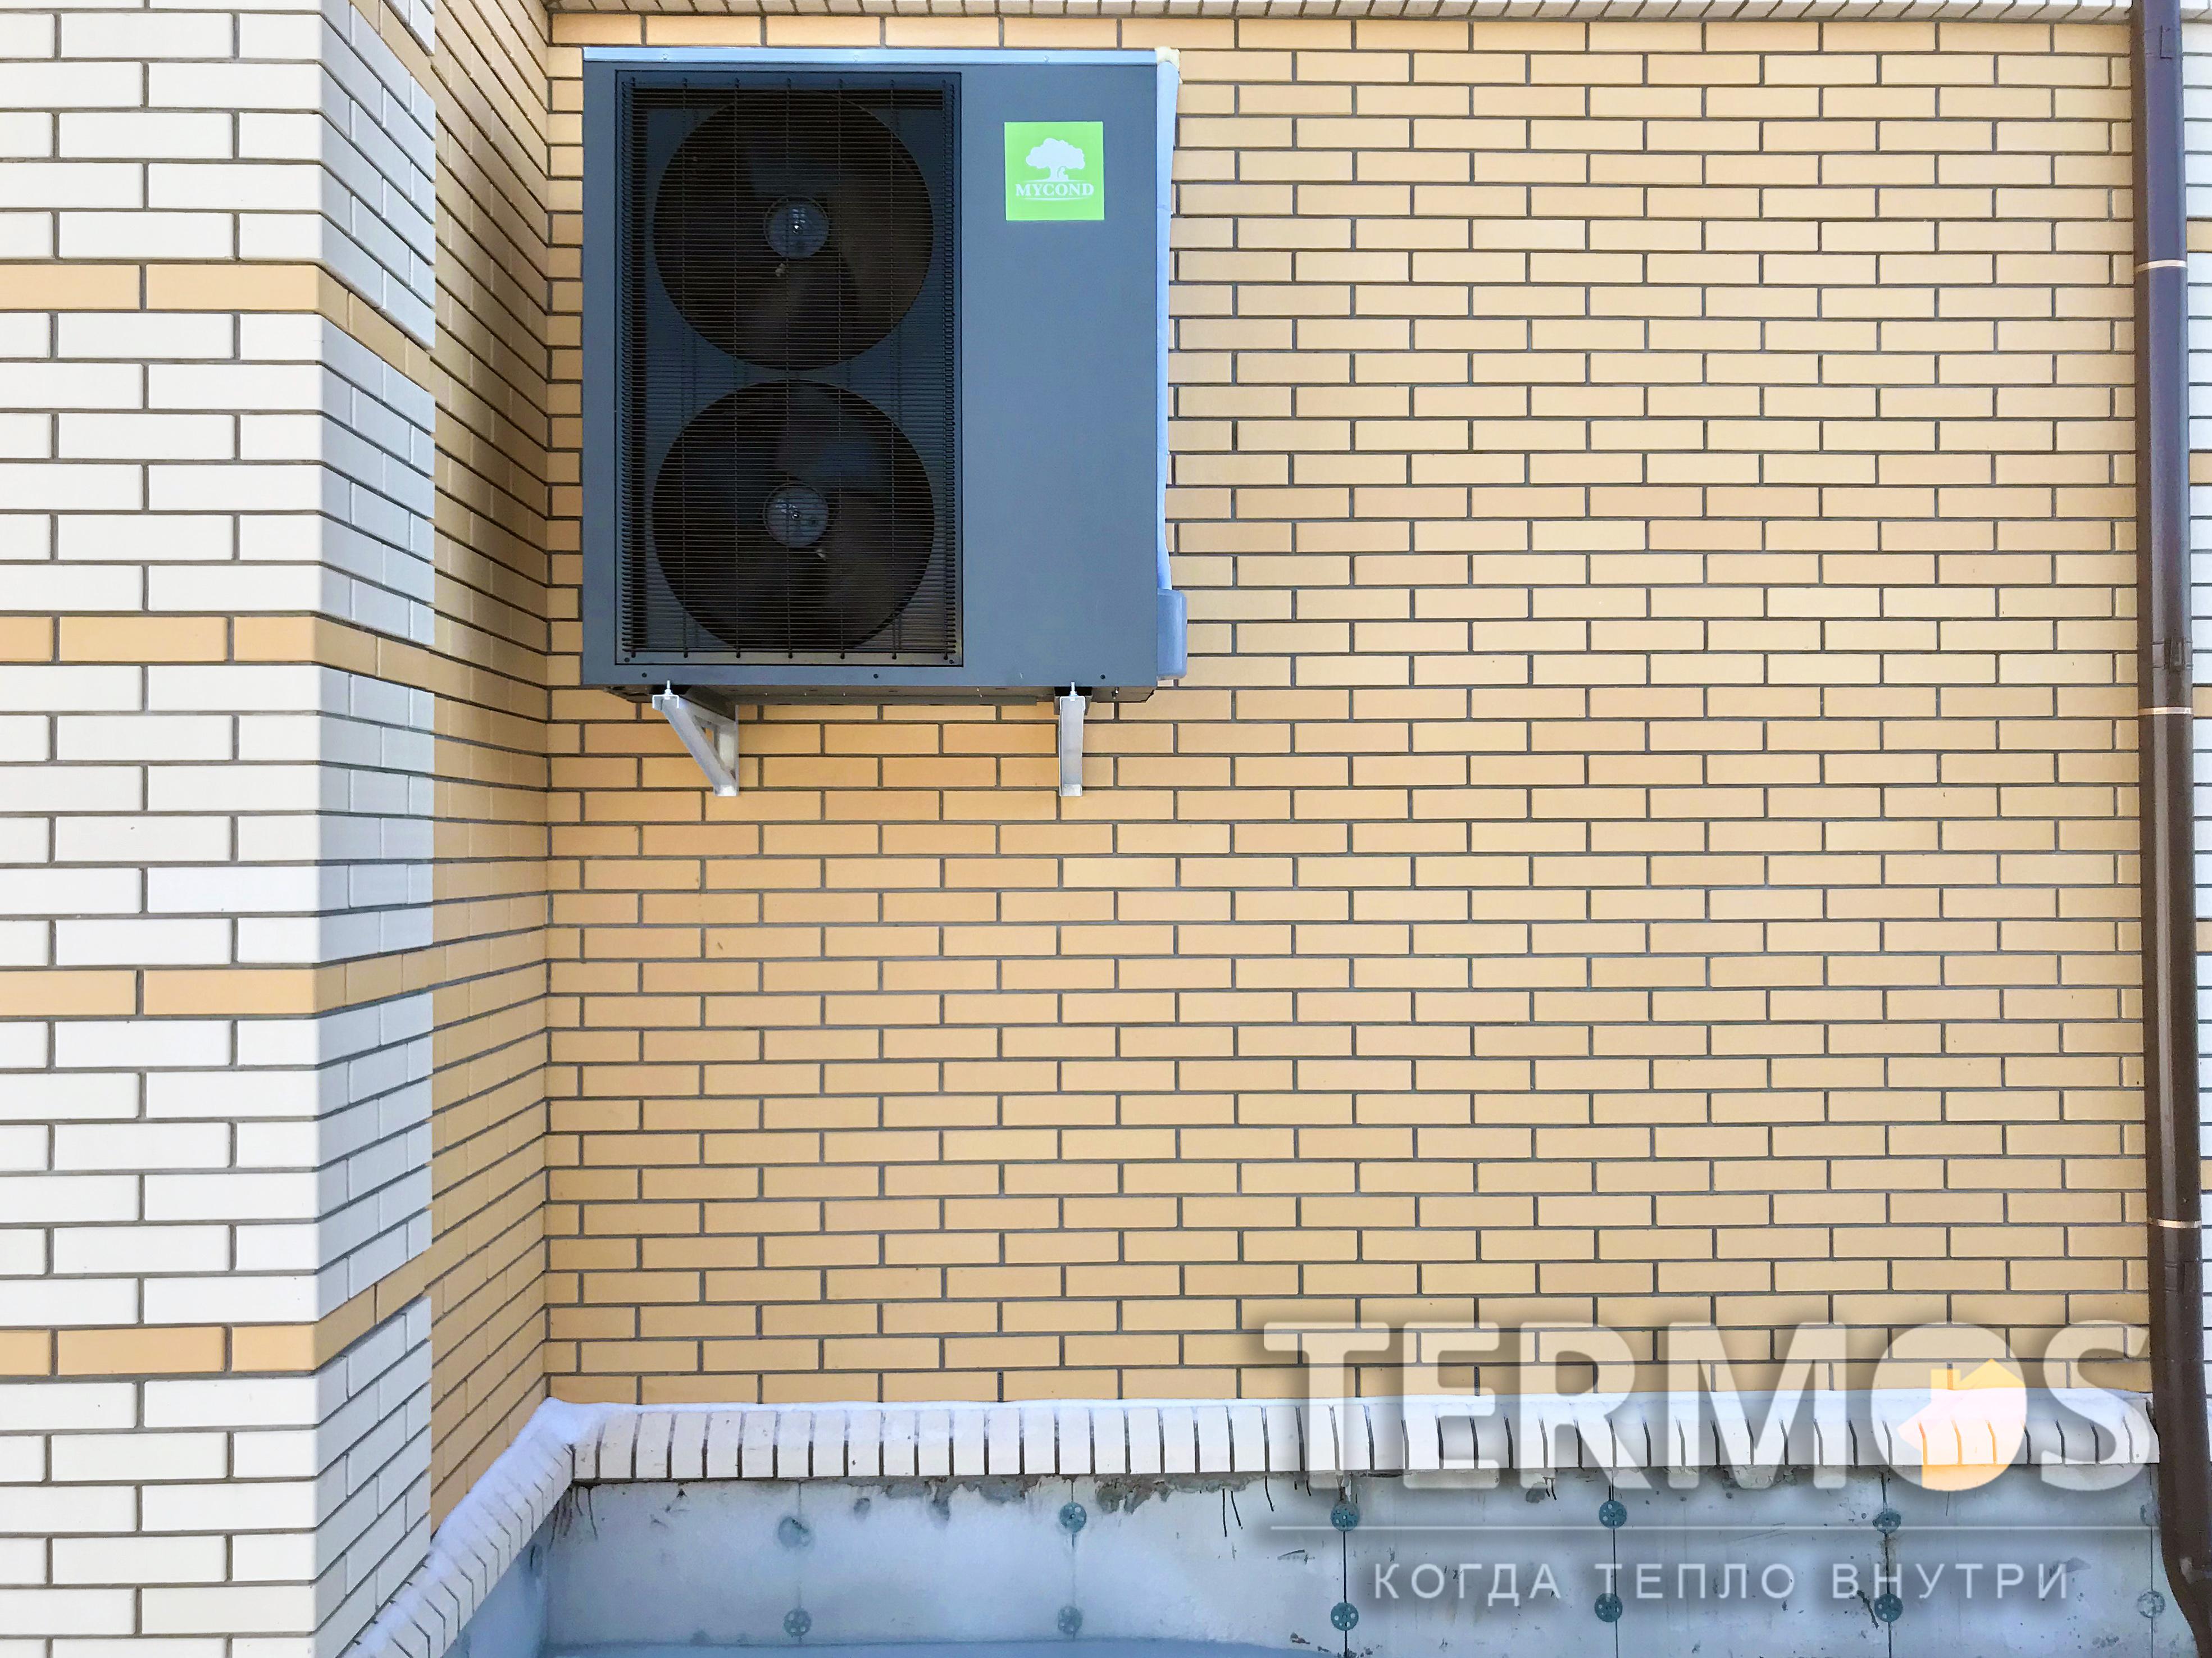 Дом 250 кв м. Воздушный реверсивный (тепло/холод) тепловой насос Mycond Arctic Home SMART 19 кВт. Электрический котёл Protherm 18 кВт в качестве дополнительного нагрева